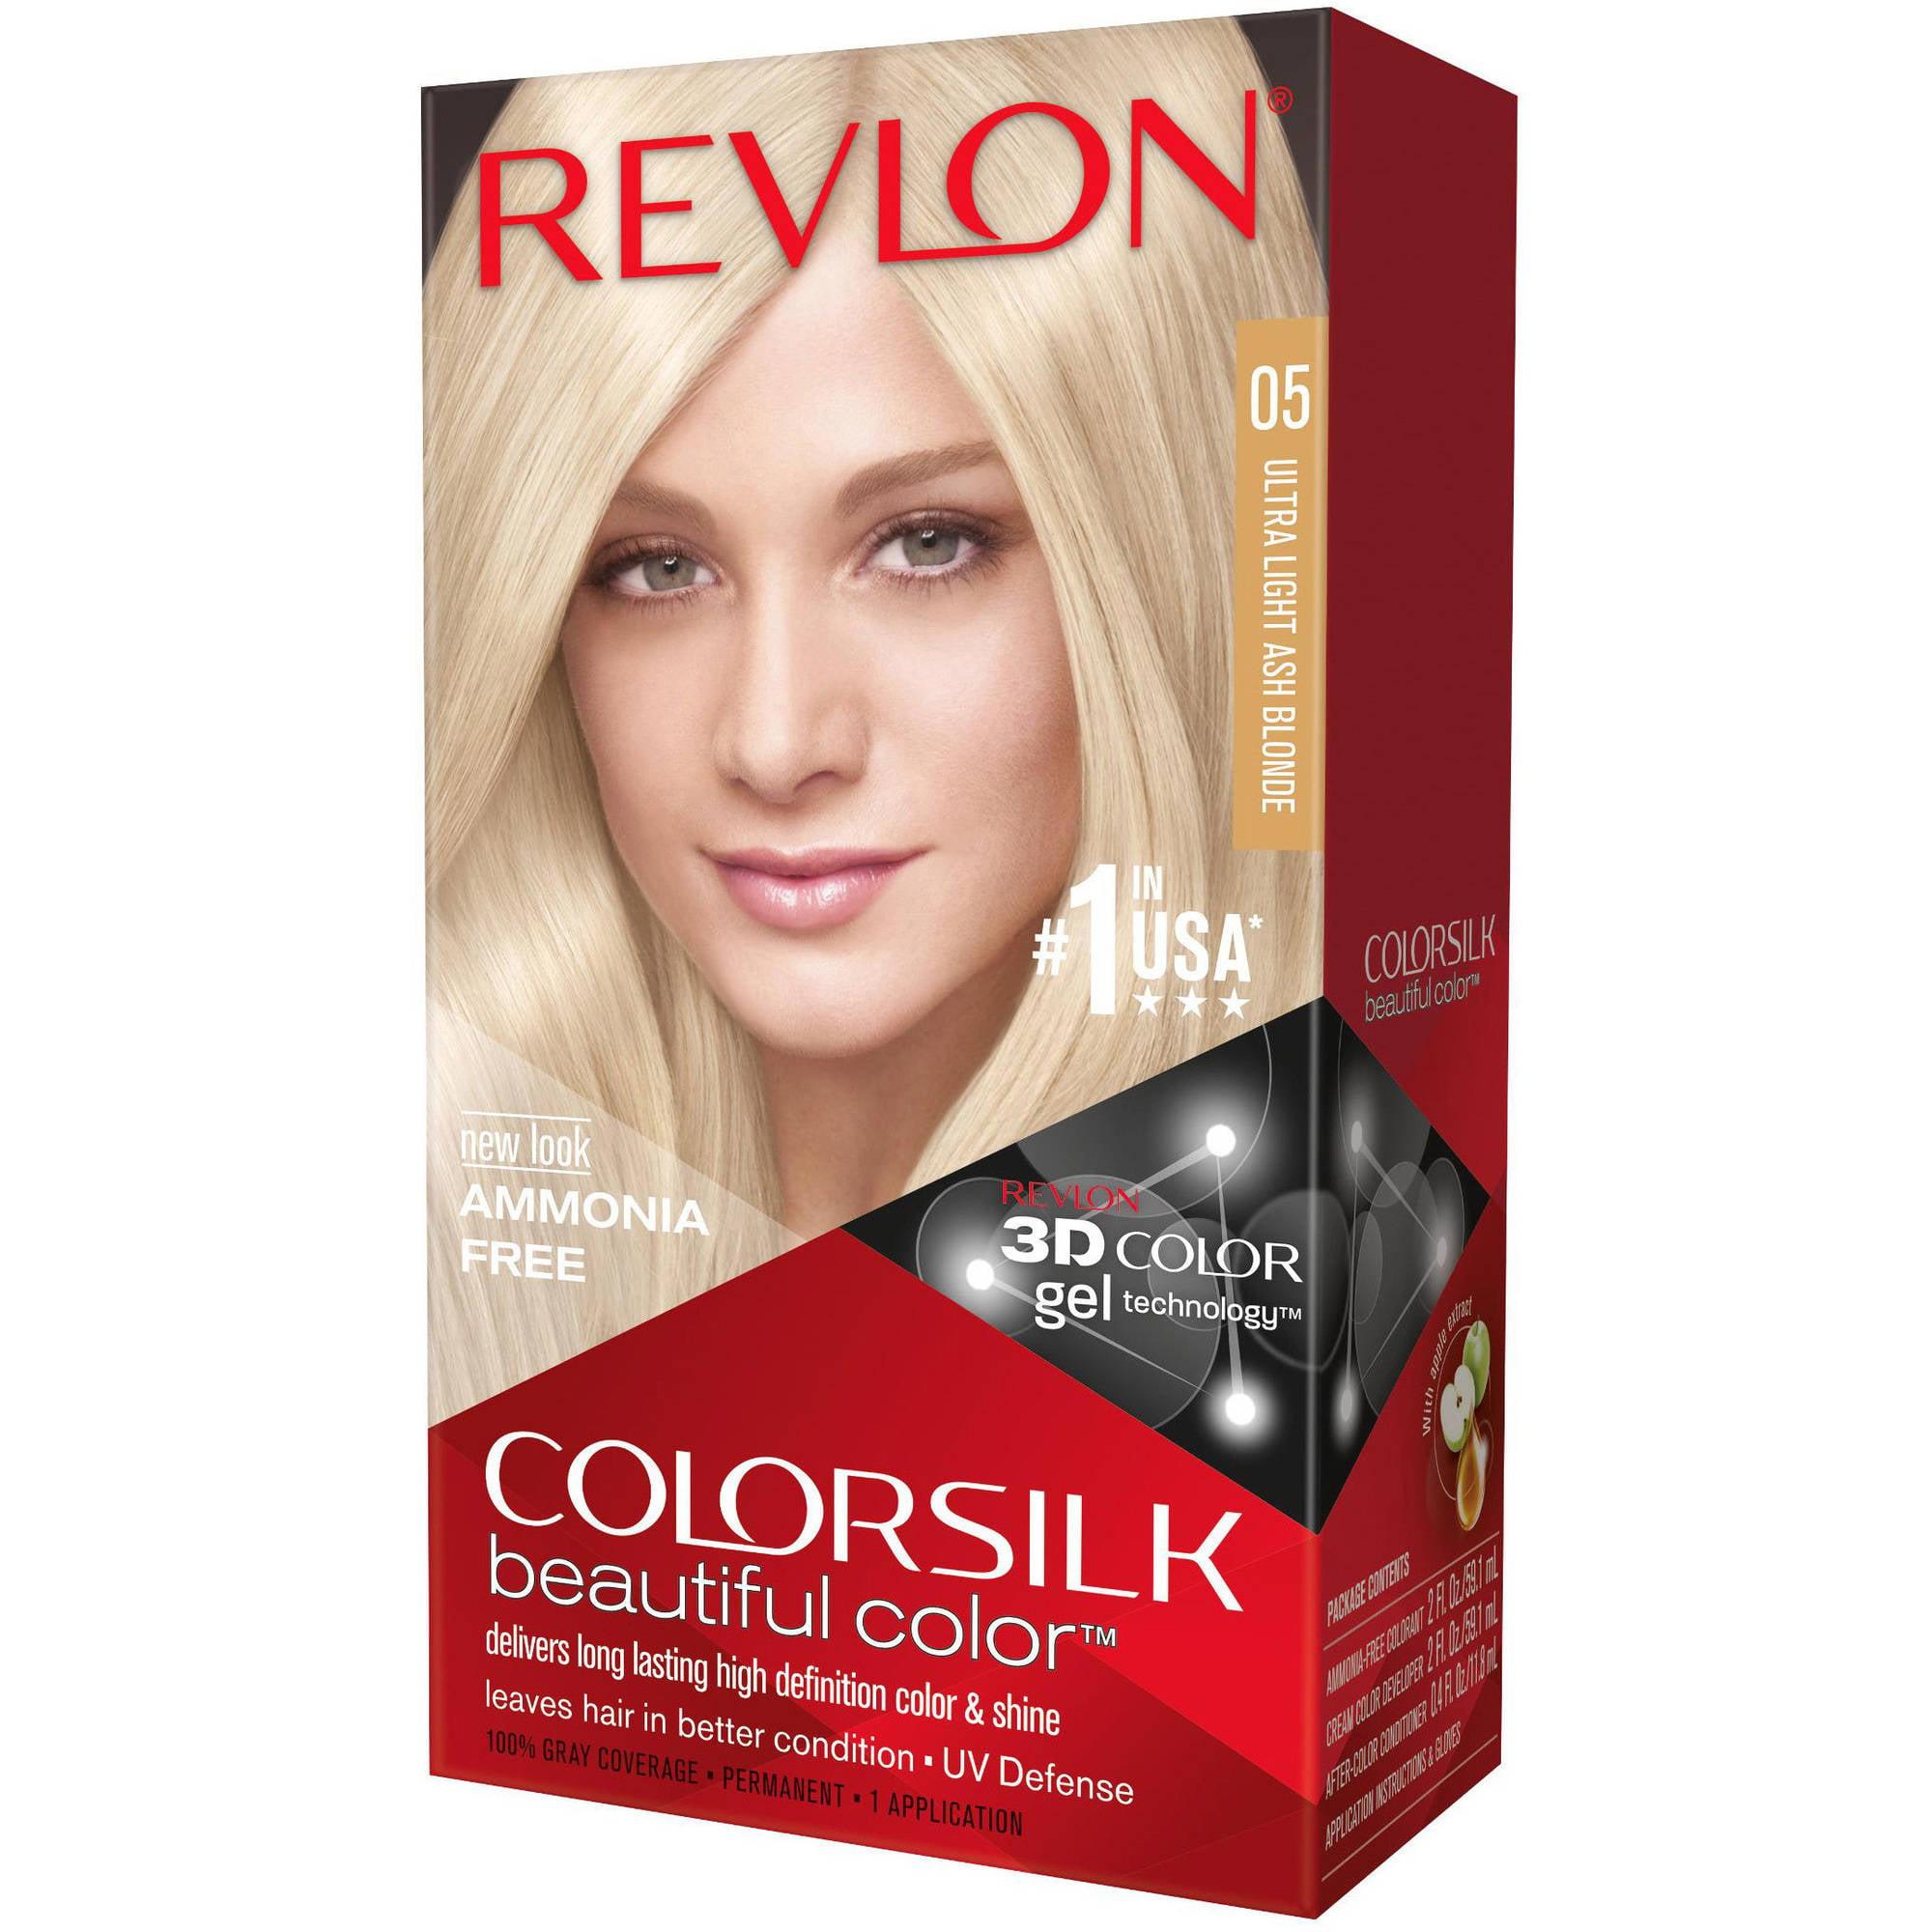 Revlon Colorsilk Beautiful Color Permanent Hair Color, 05 Ultra Light Ash Blonde